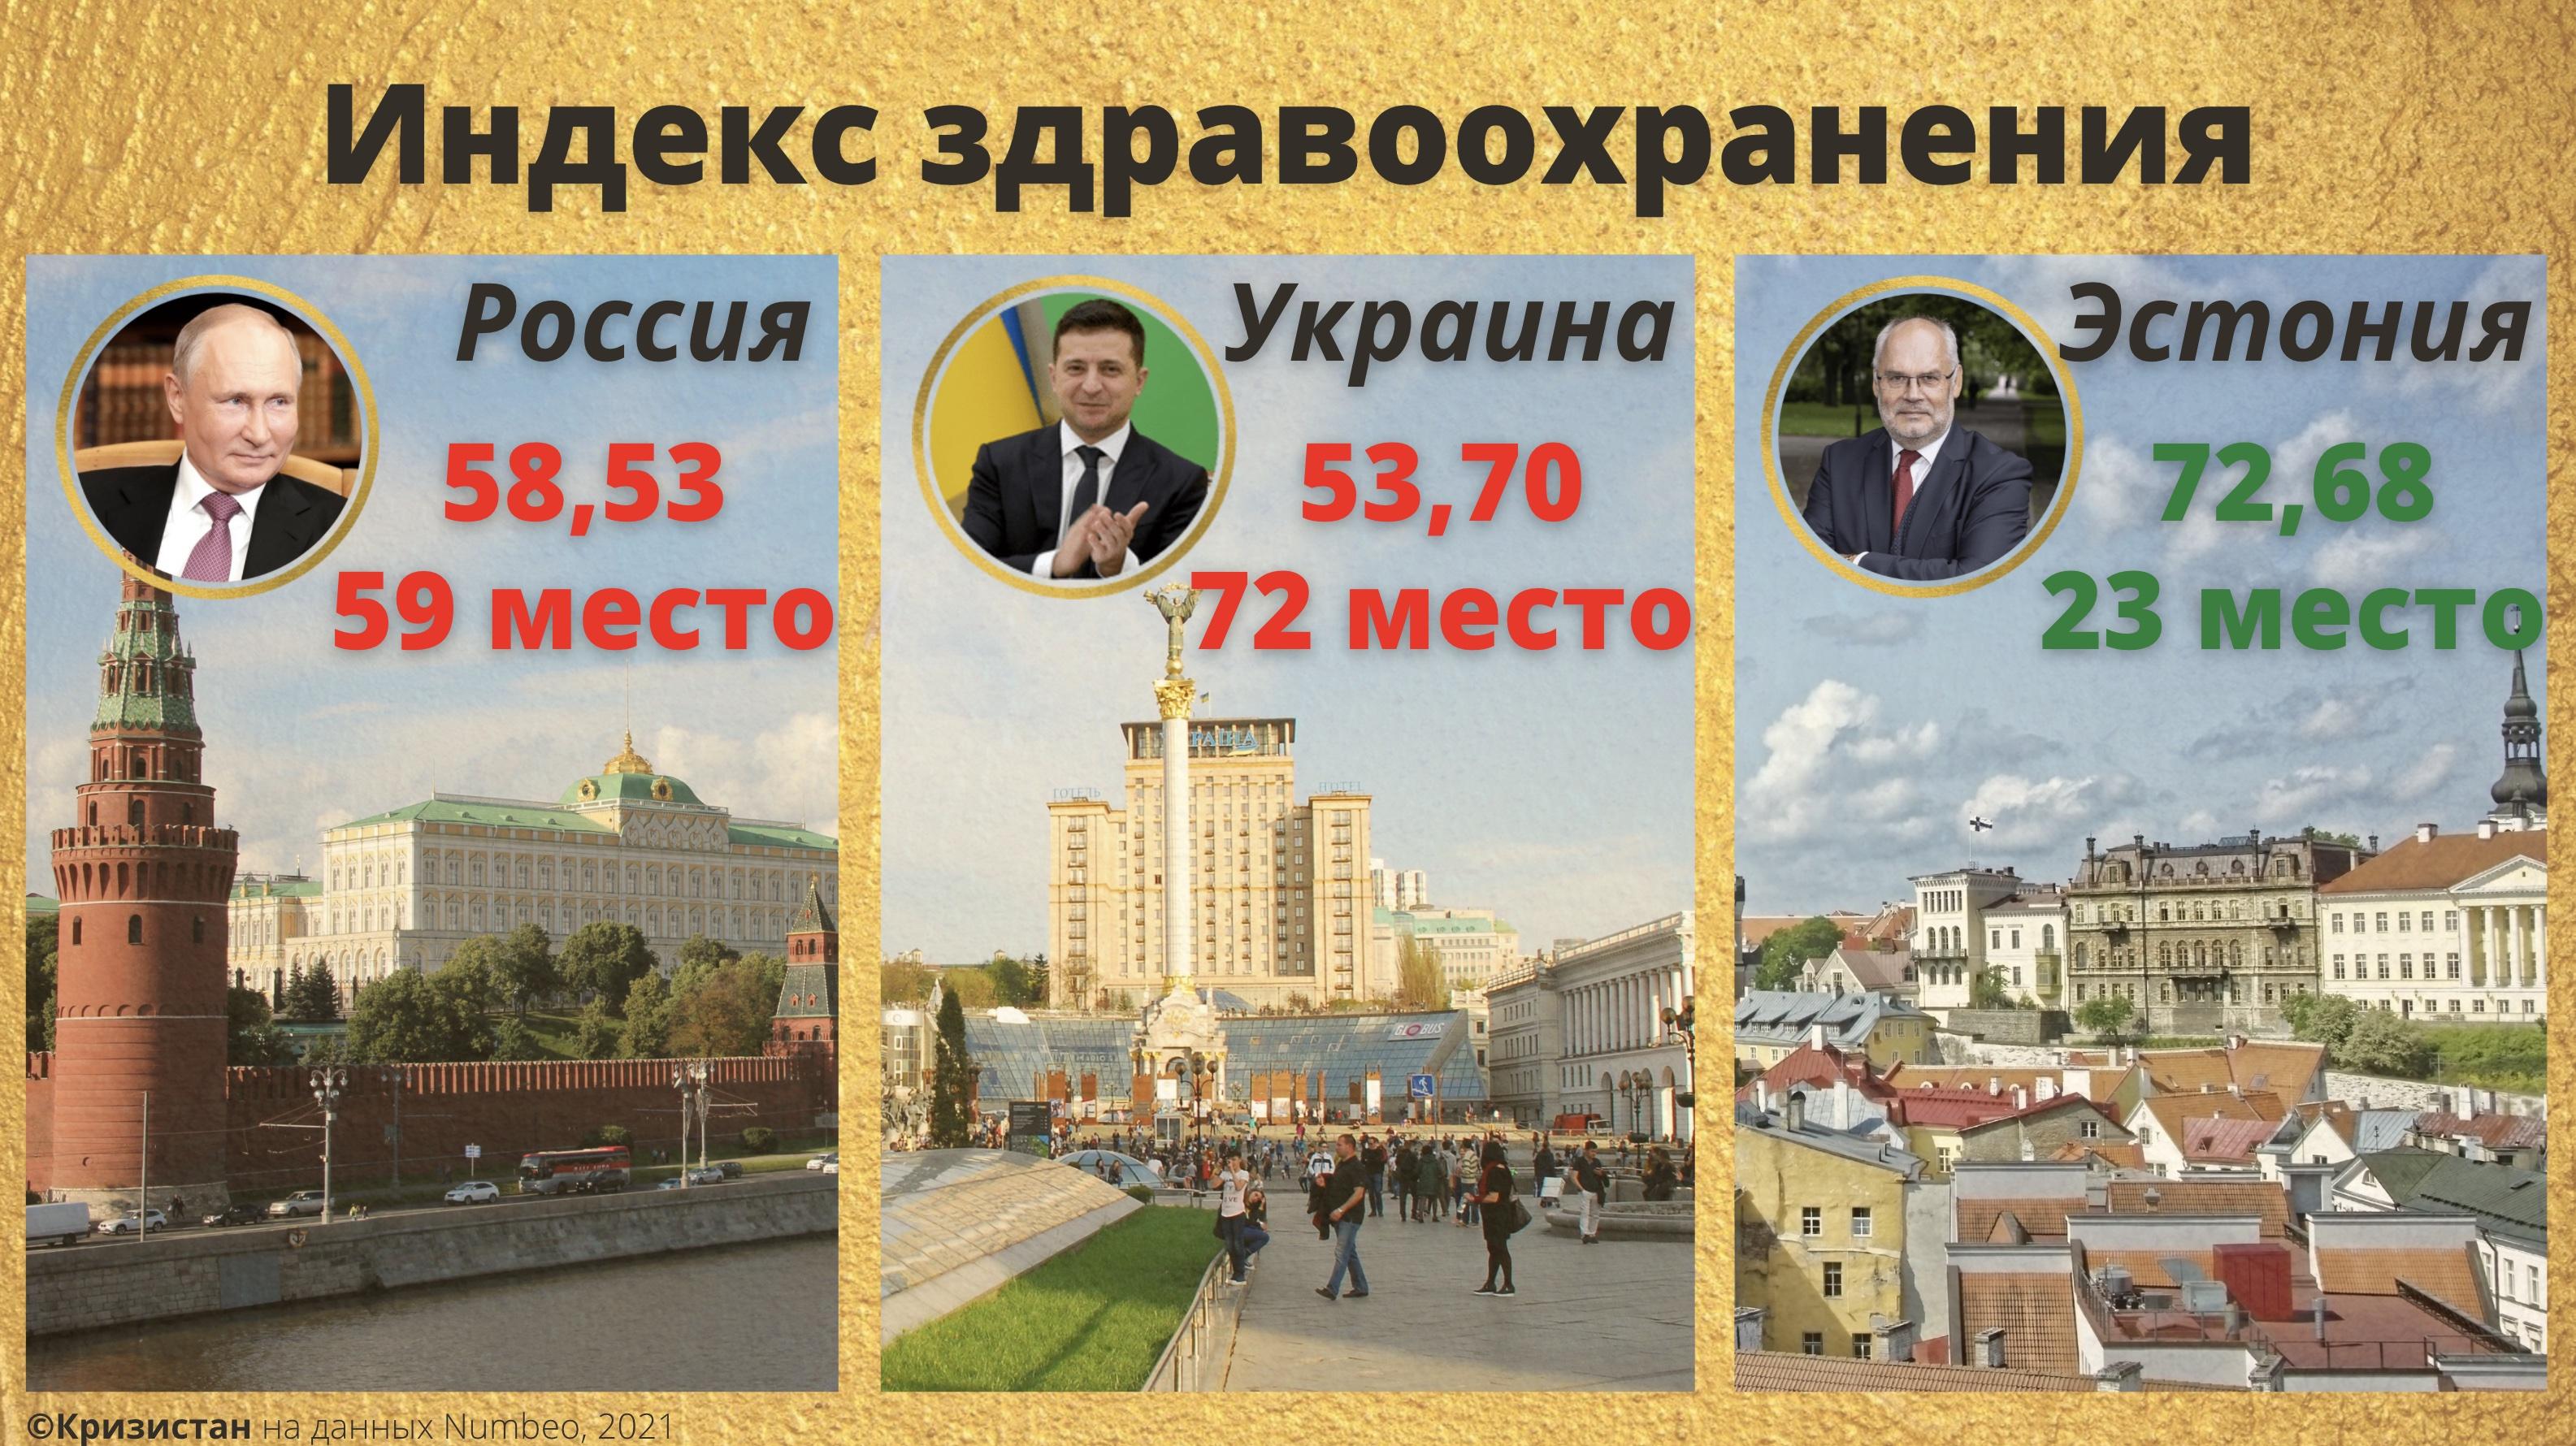 Индекс здравоохранения - РФ, Эстония, Украина